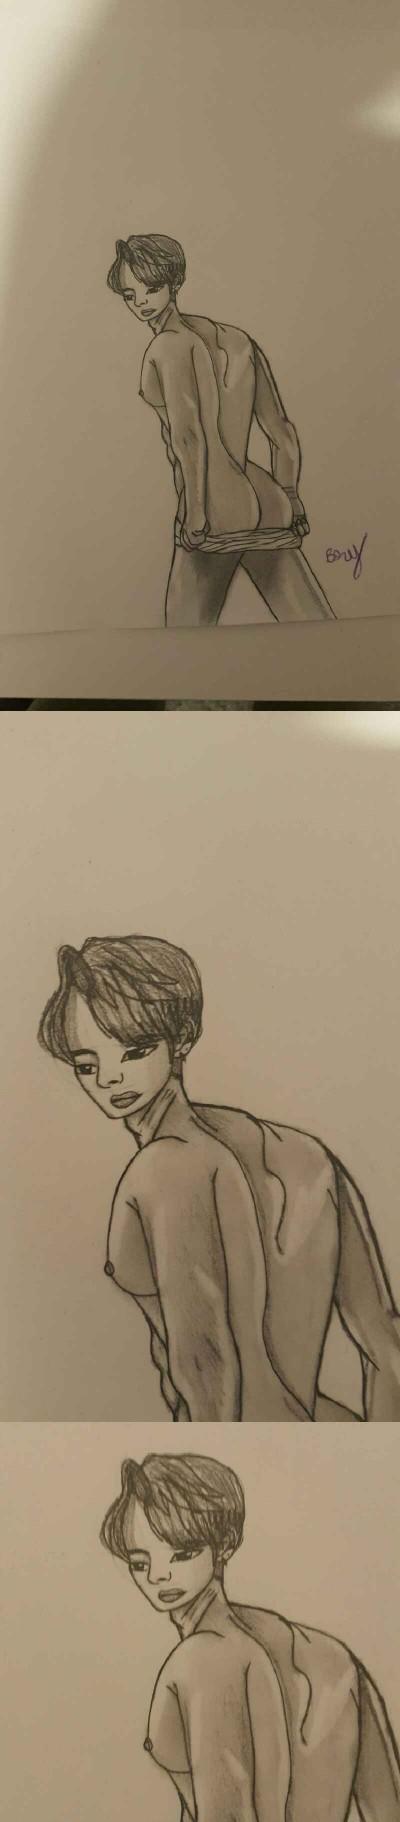 . | Bry | Digital Drawing | PENUP